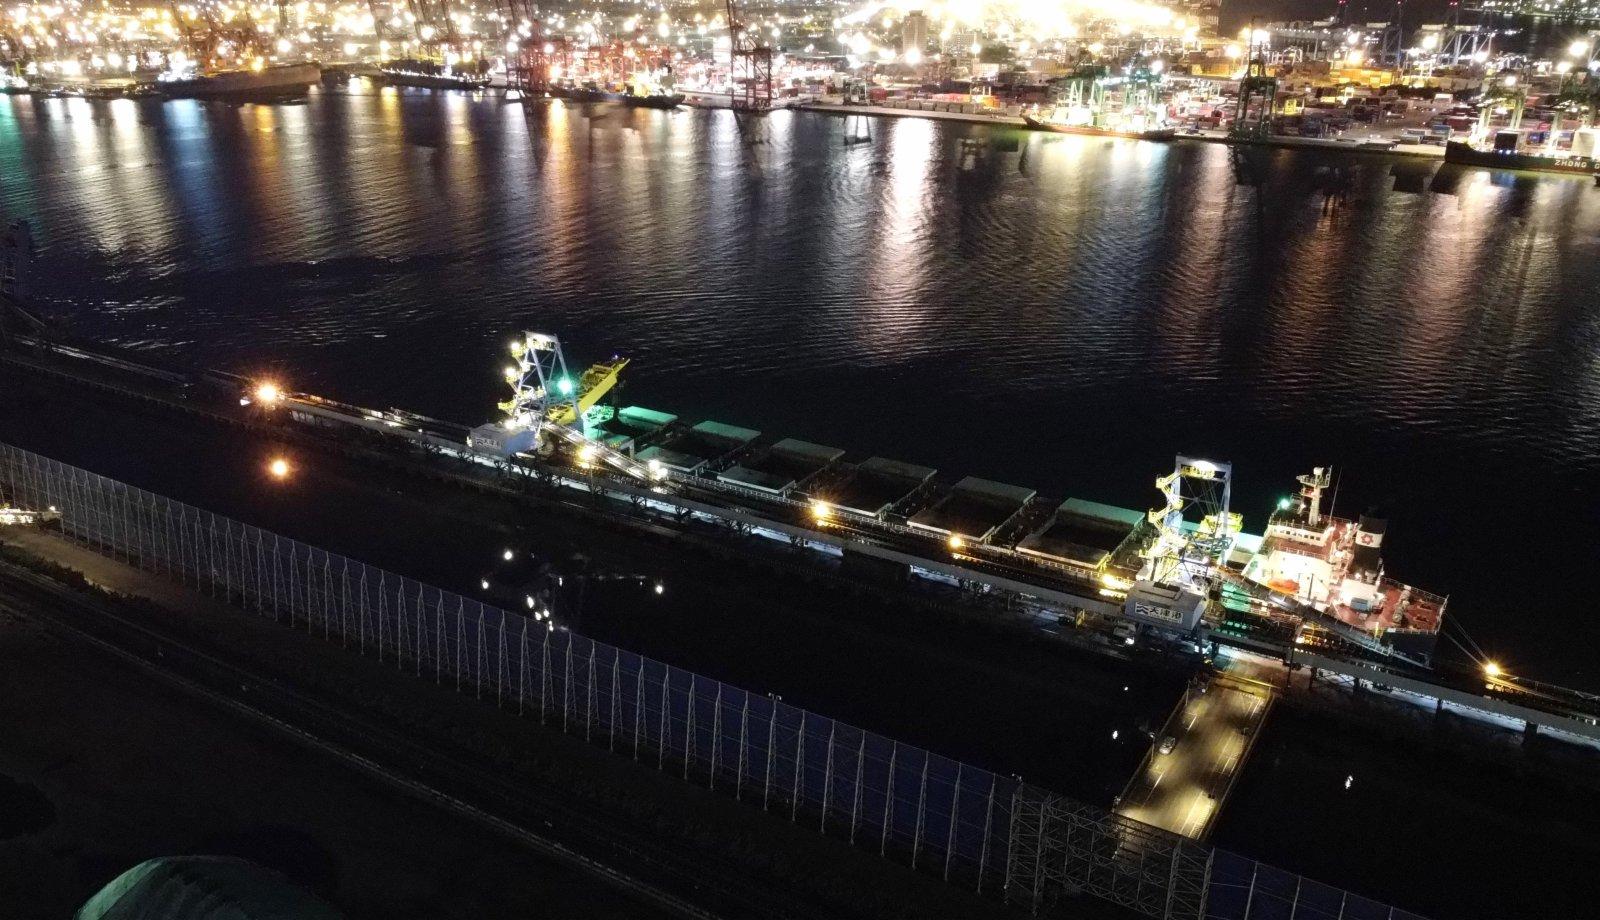 一艘電煤船舶停靠在天津港煤碼頭準備裝船。(新華社)